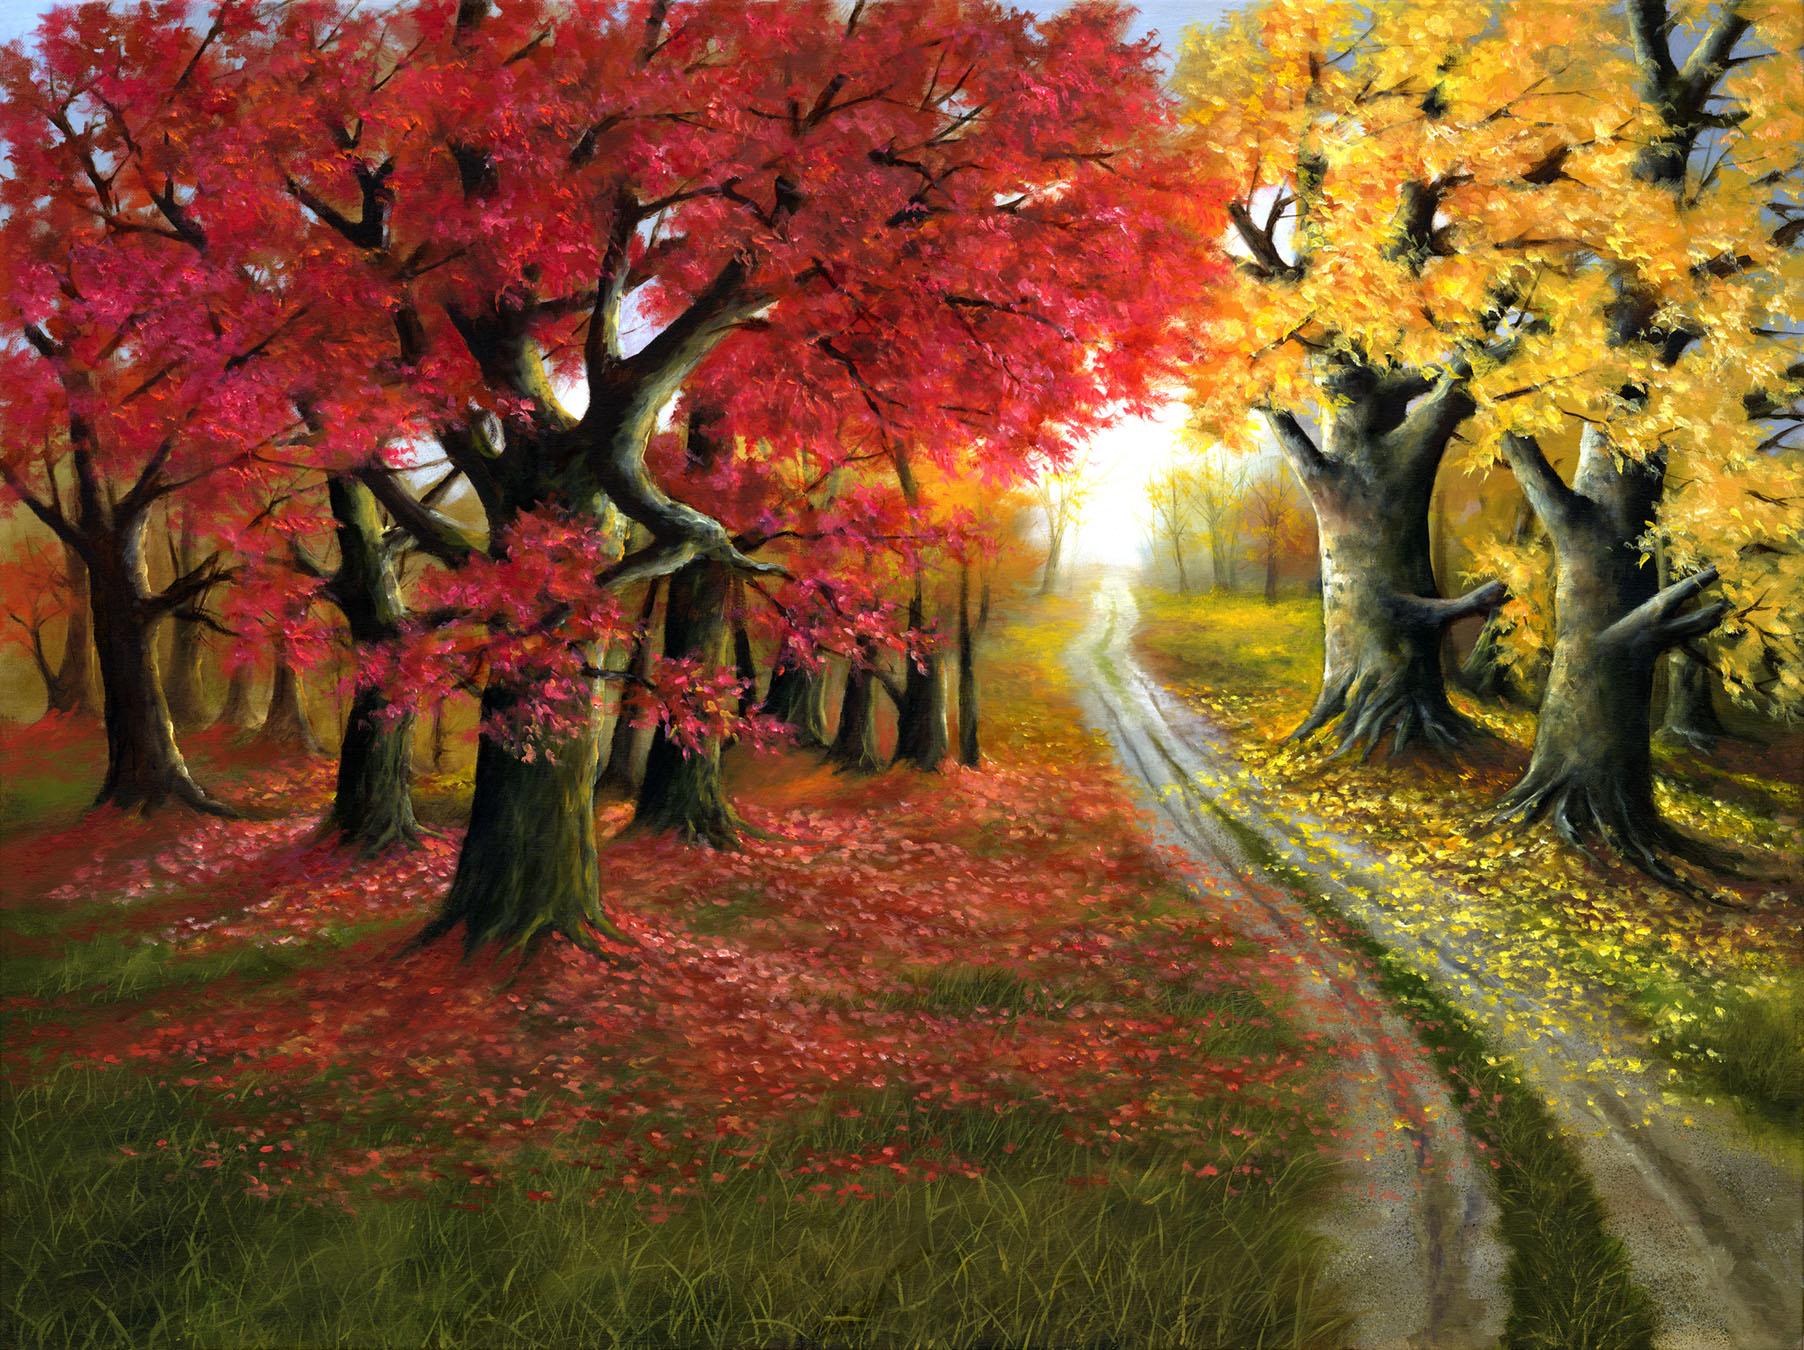 Autumn Splendor by H. Hargrove